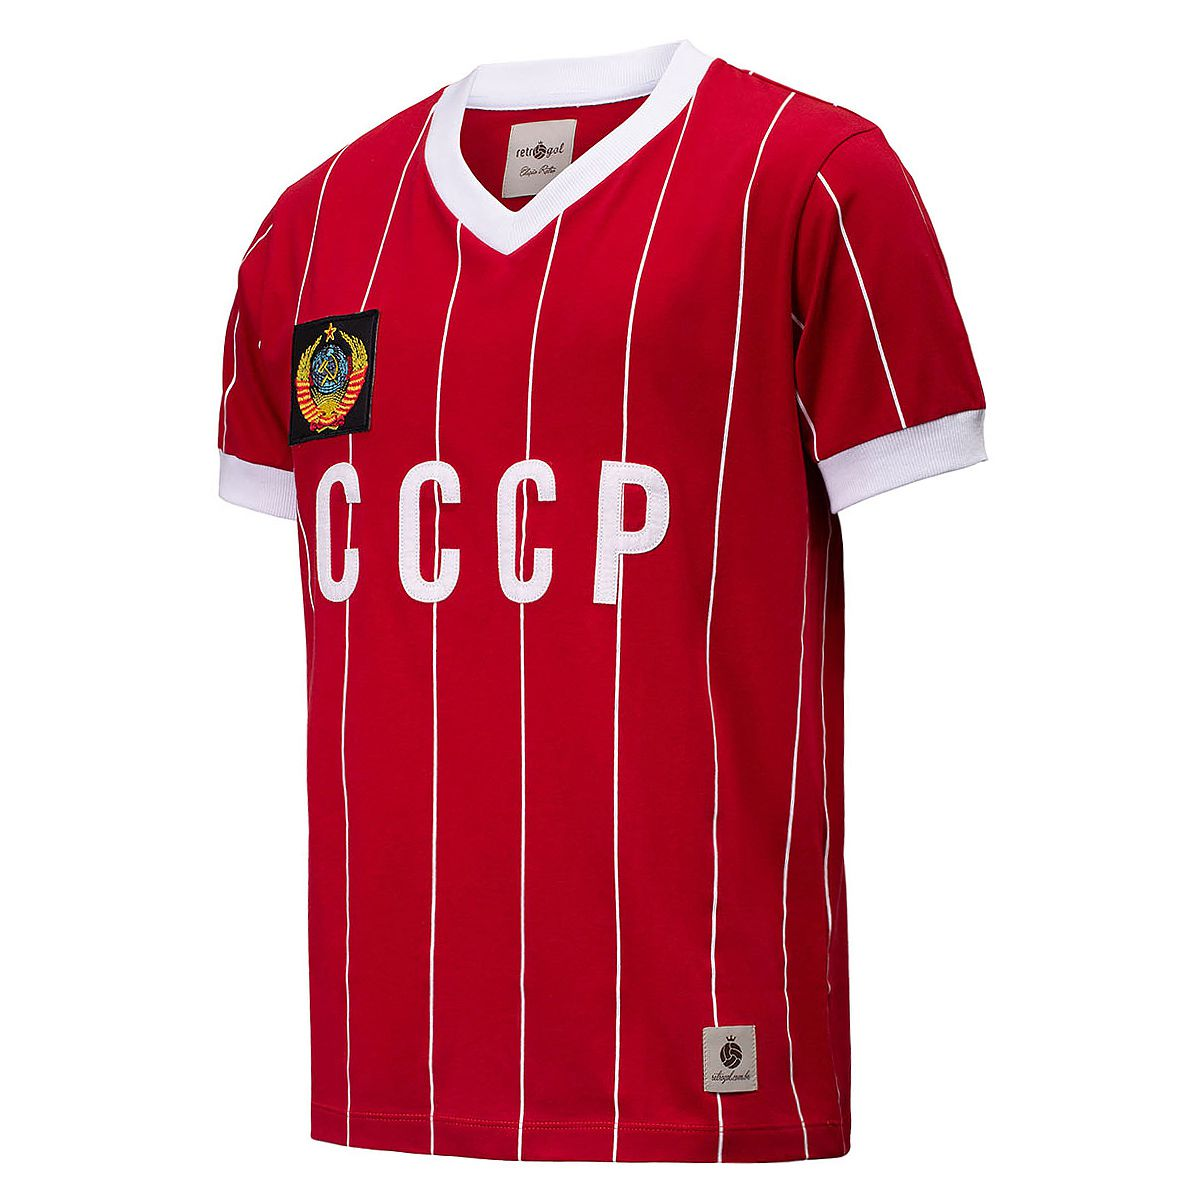 Camisa CCCP Retrô 1982 União Soviética Masculino